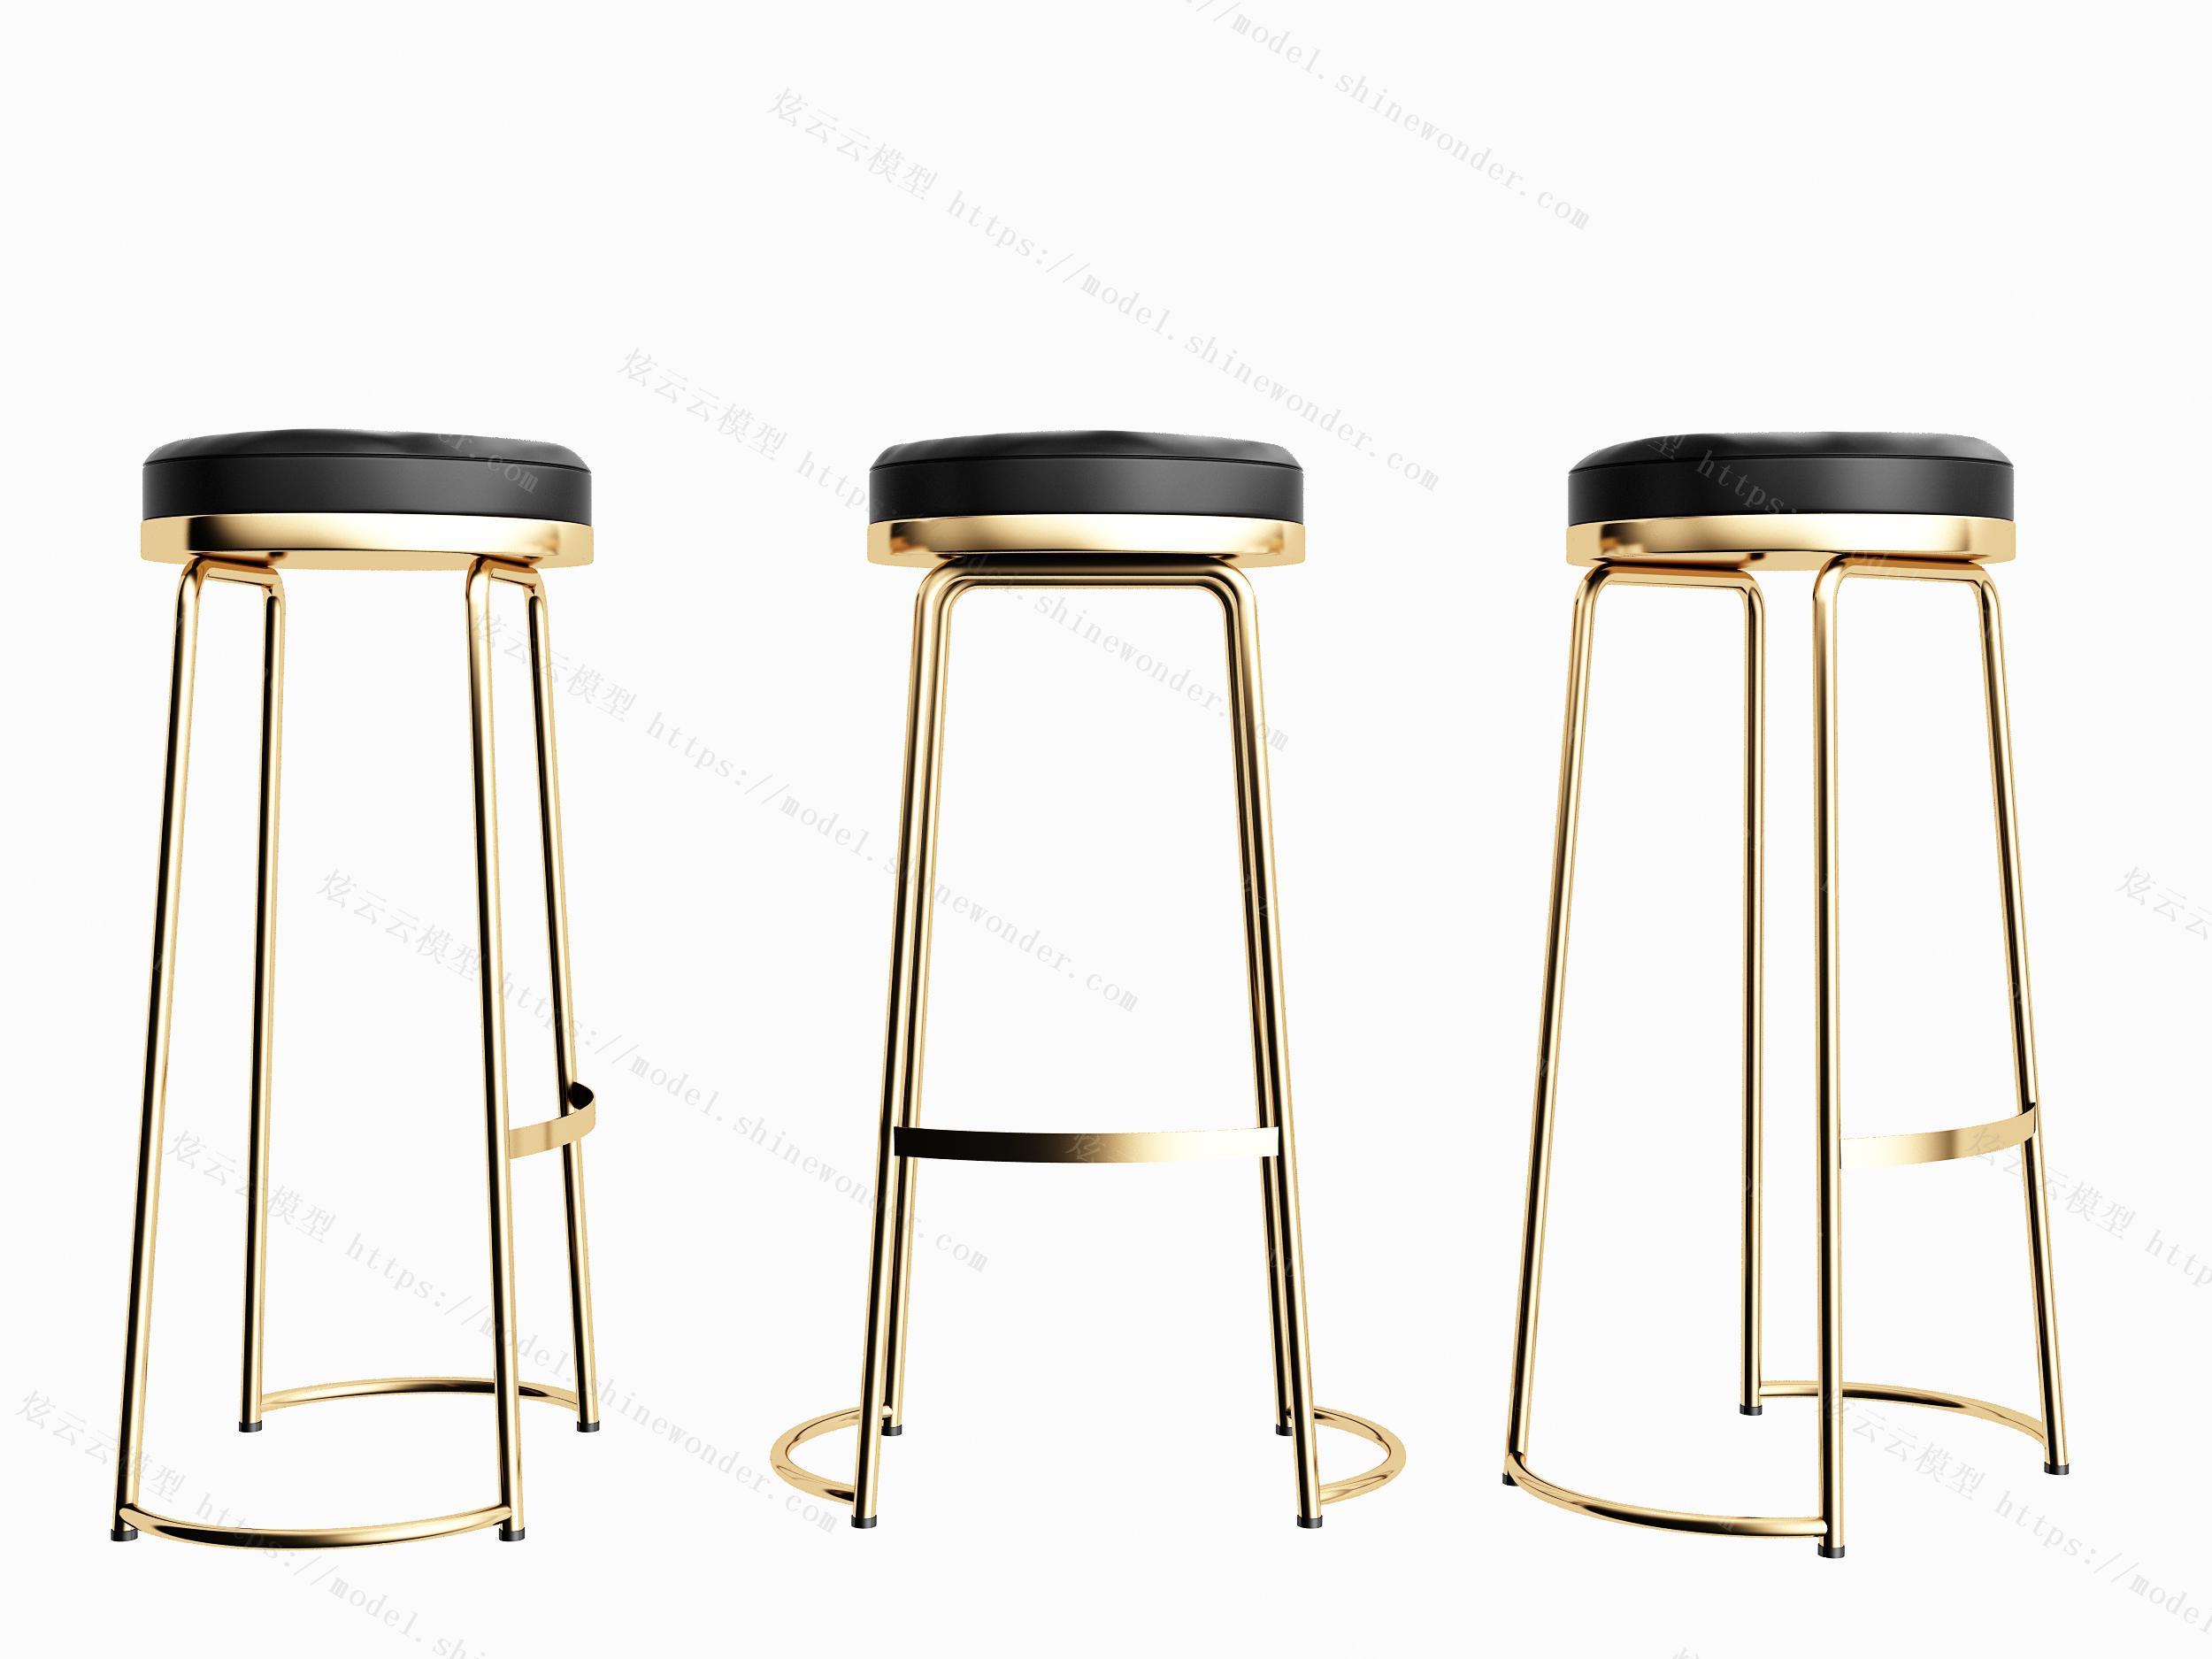 现代金属吧台椅子摆件组合模型